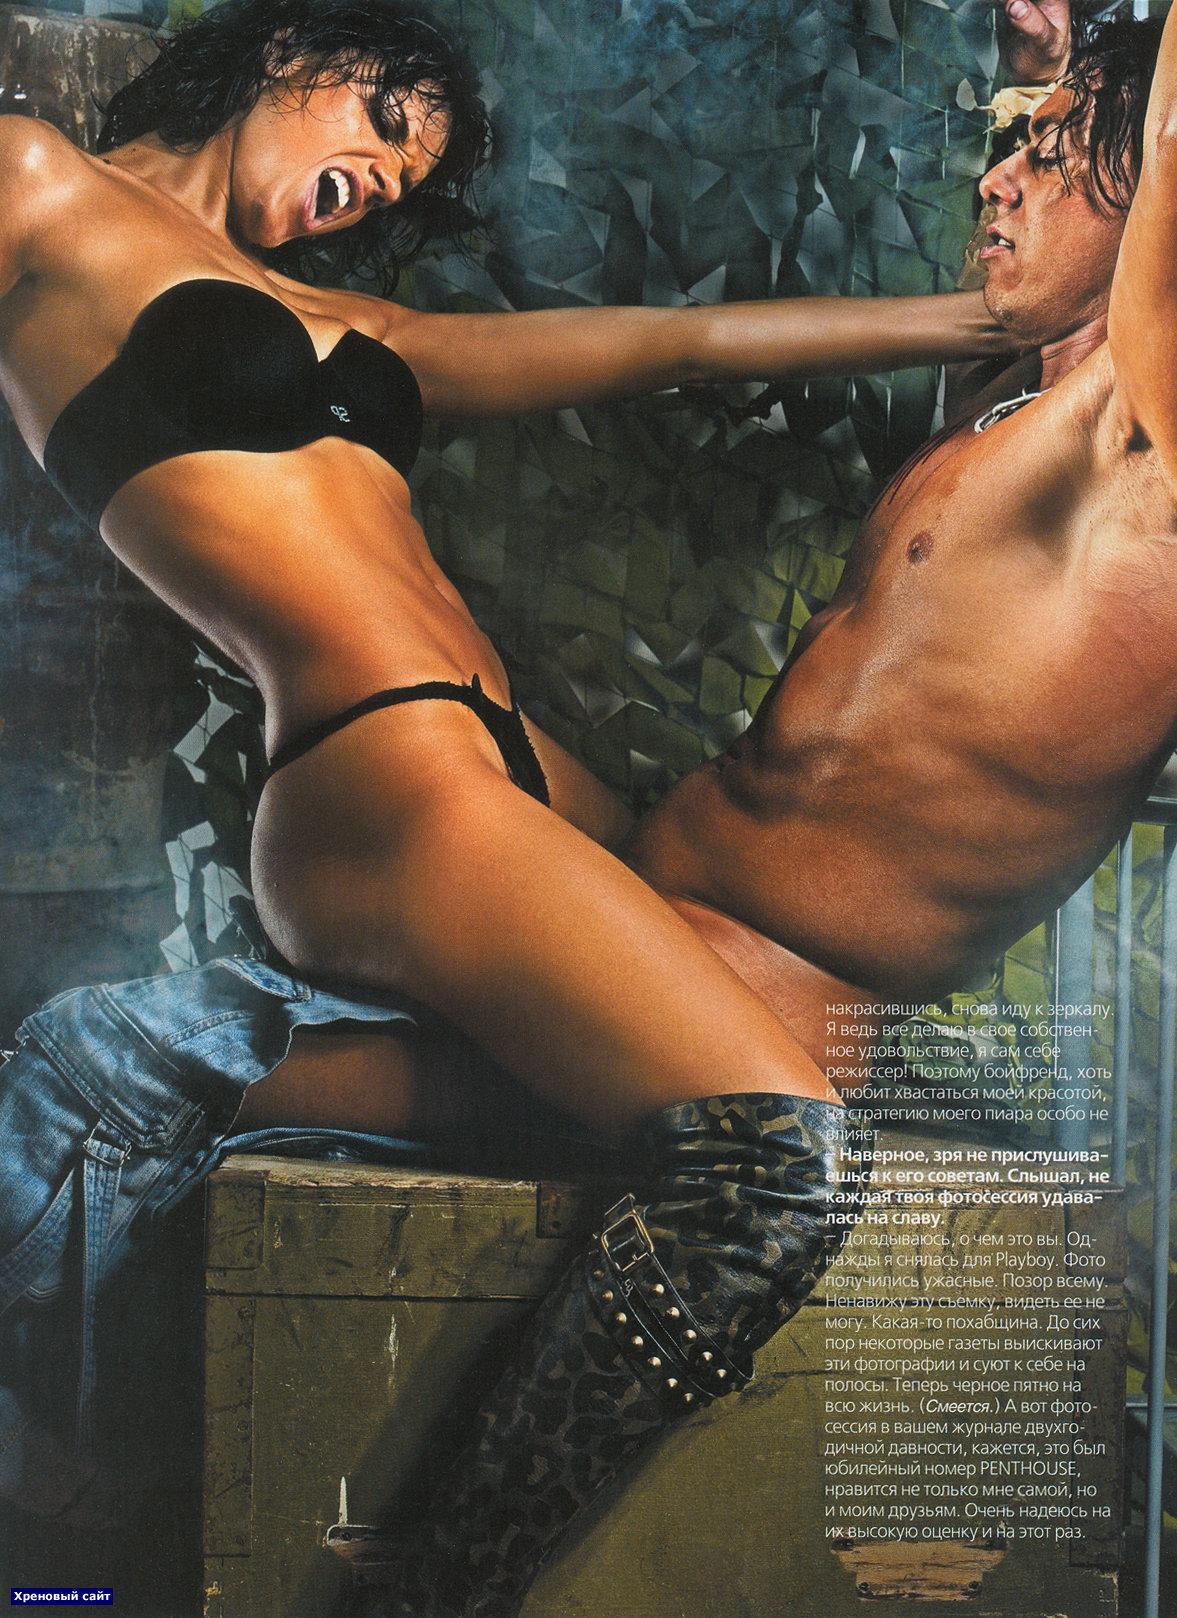 Секс фото славы 12 фотография